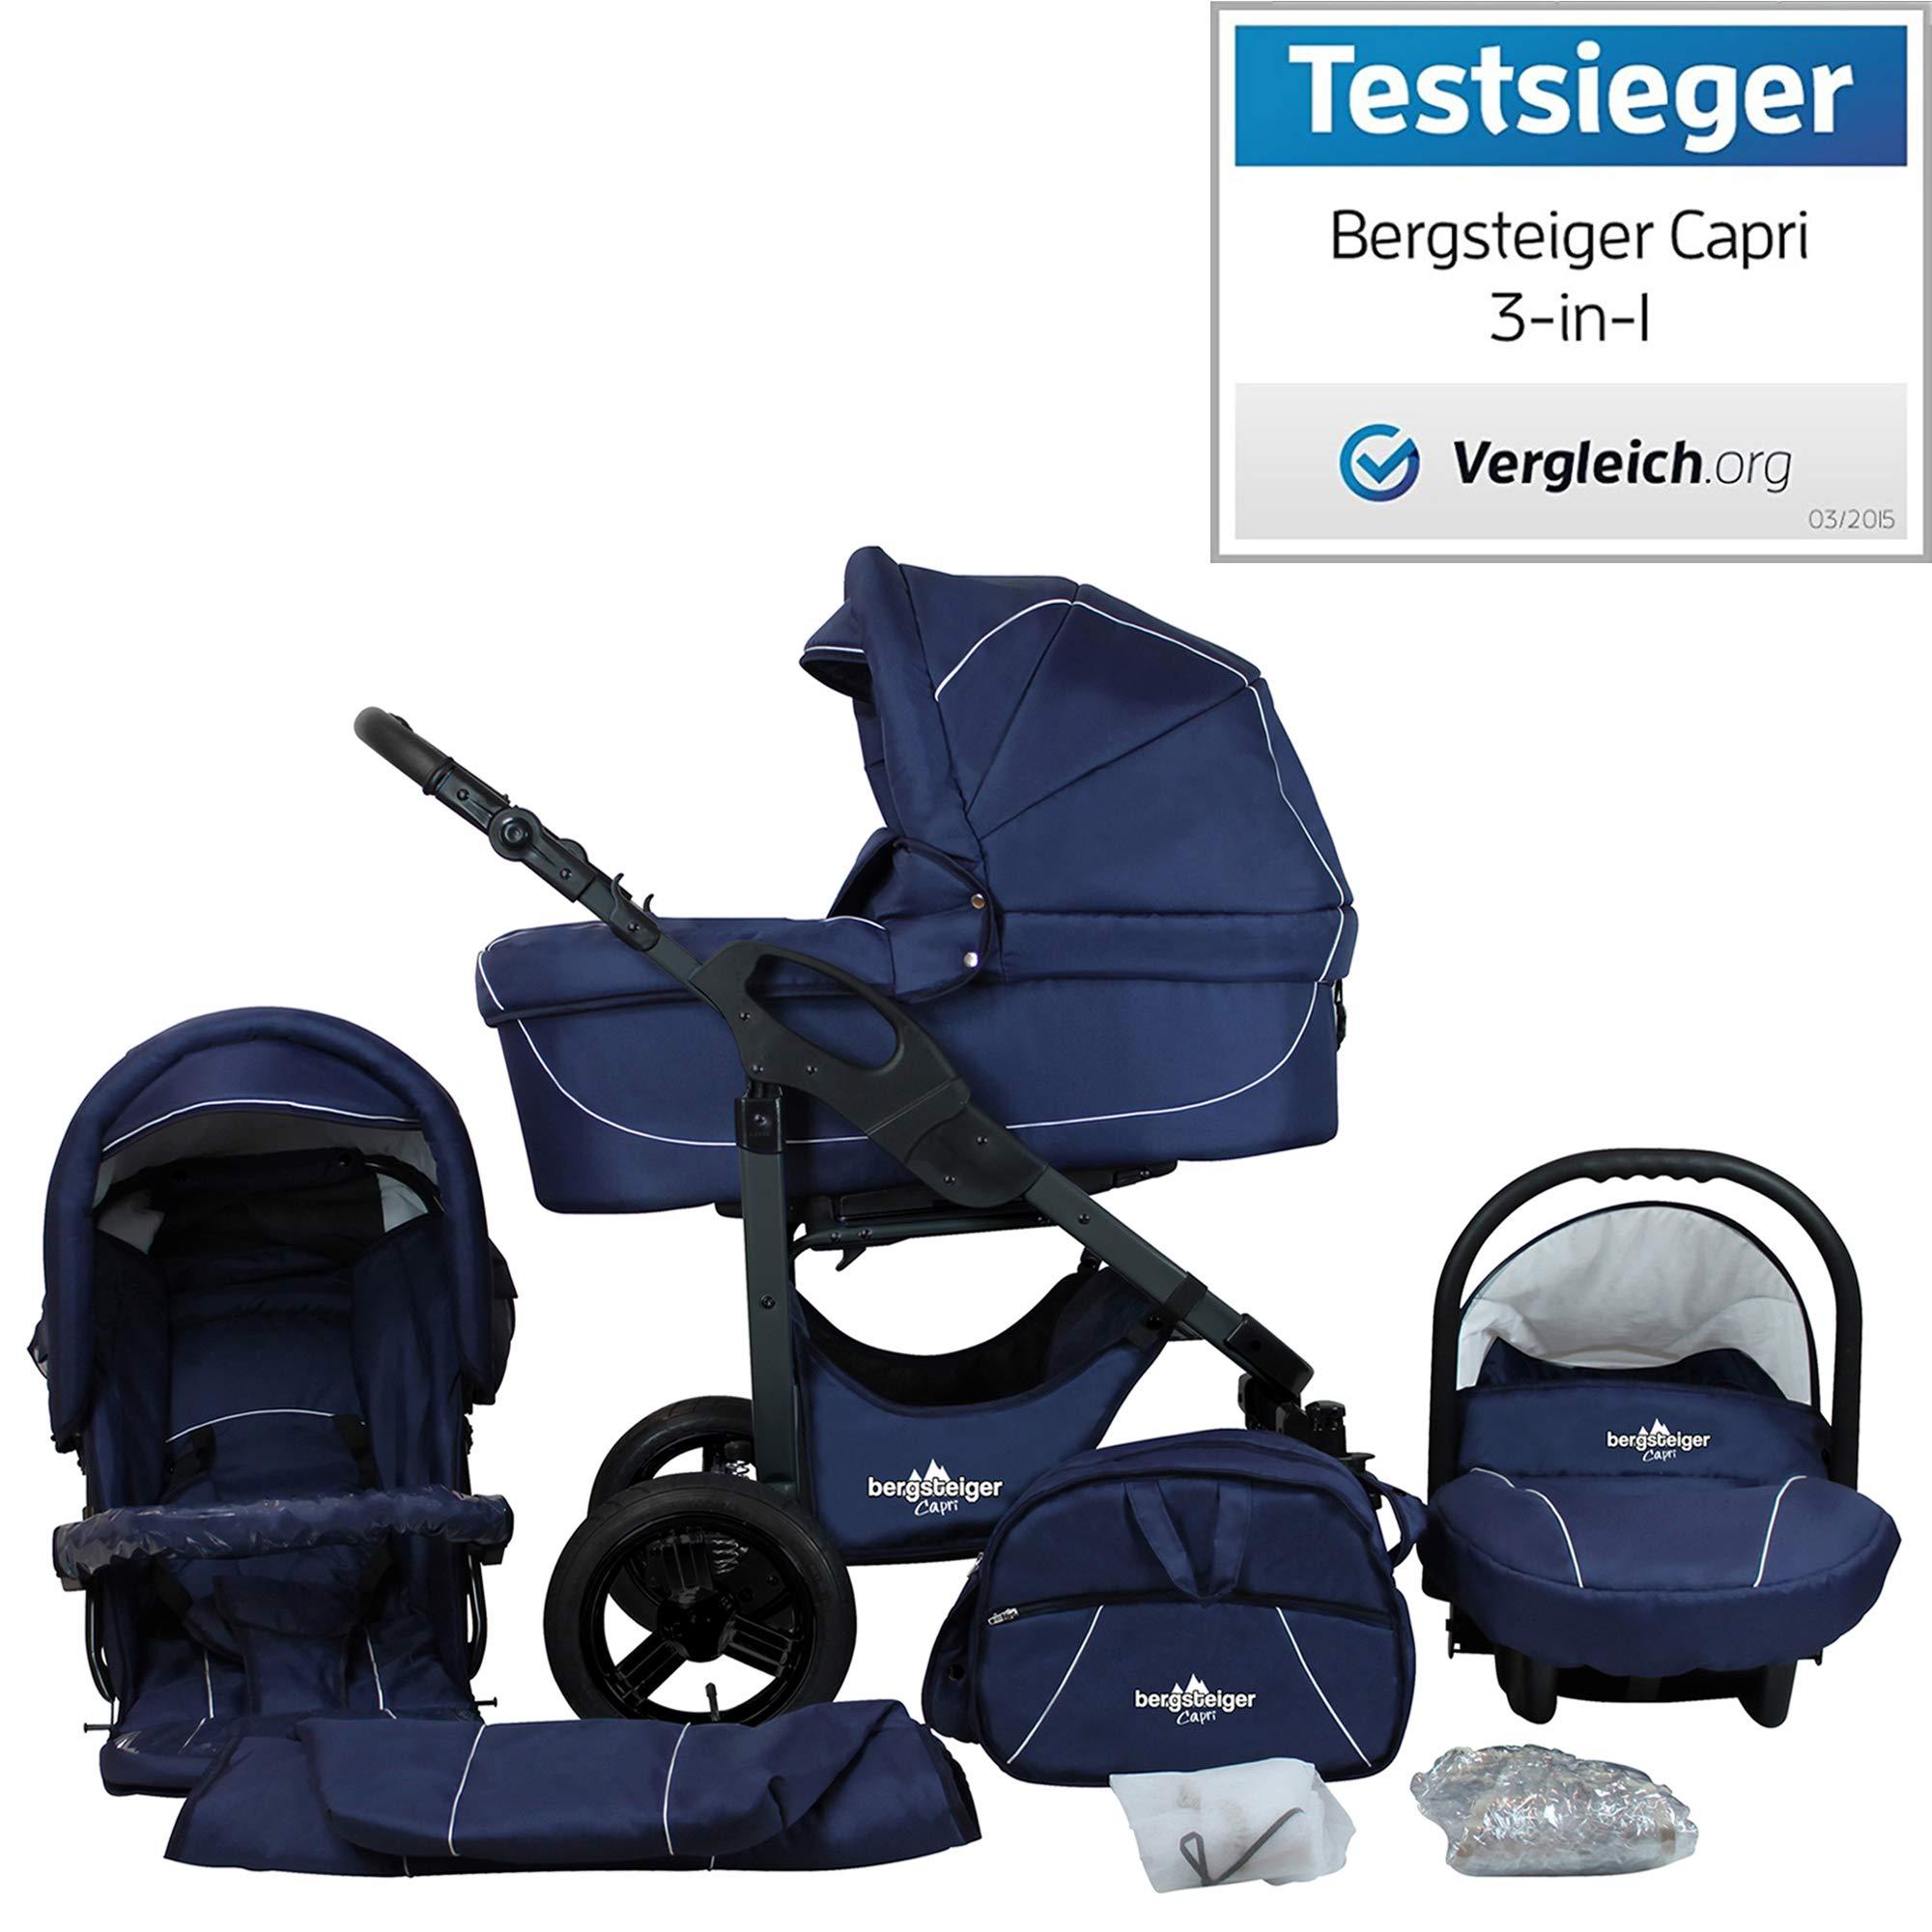 Bergsteiger Capri Marine Blau | Gestell: anthrazit Kinderwagen 3 in 1 Kombikinderwagen Megaset 10 teilig inkl. Babyschale, Babywanne, Sportwagen und Zubehör